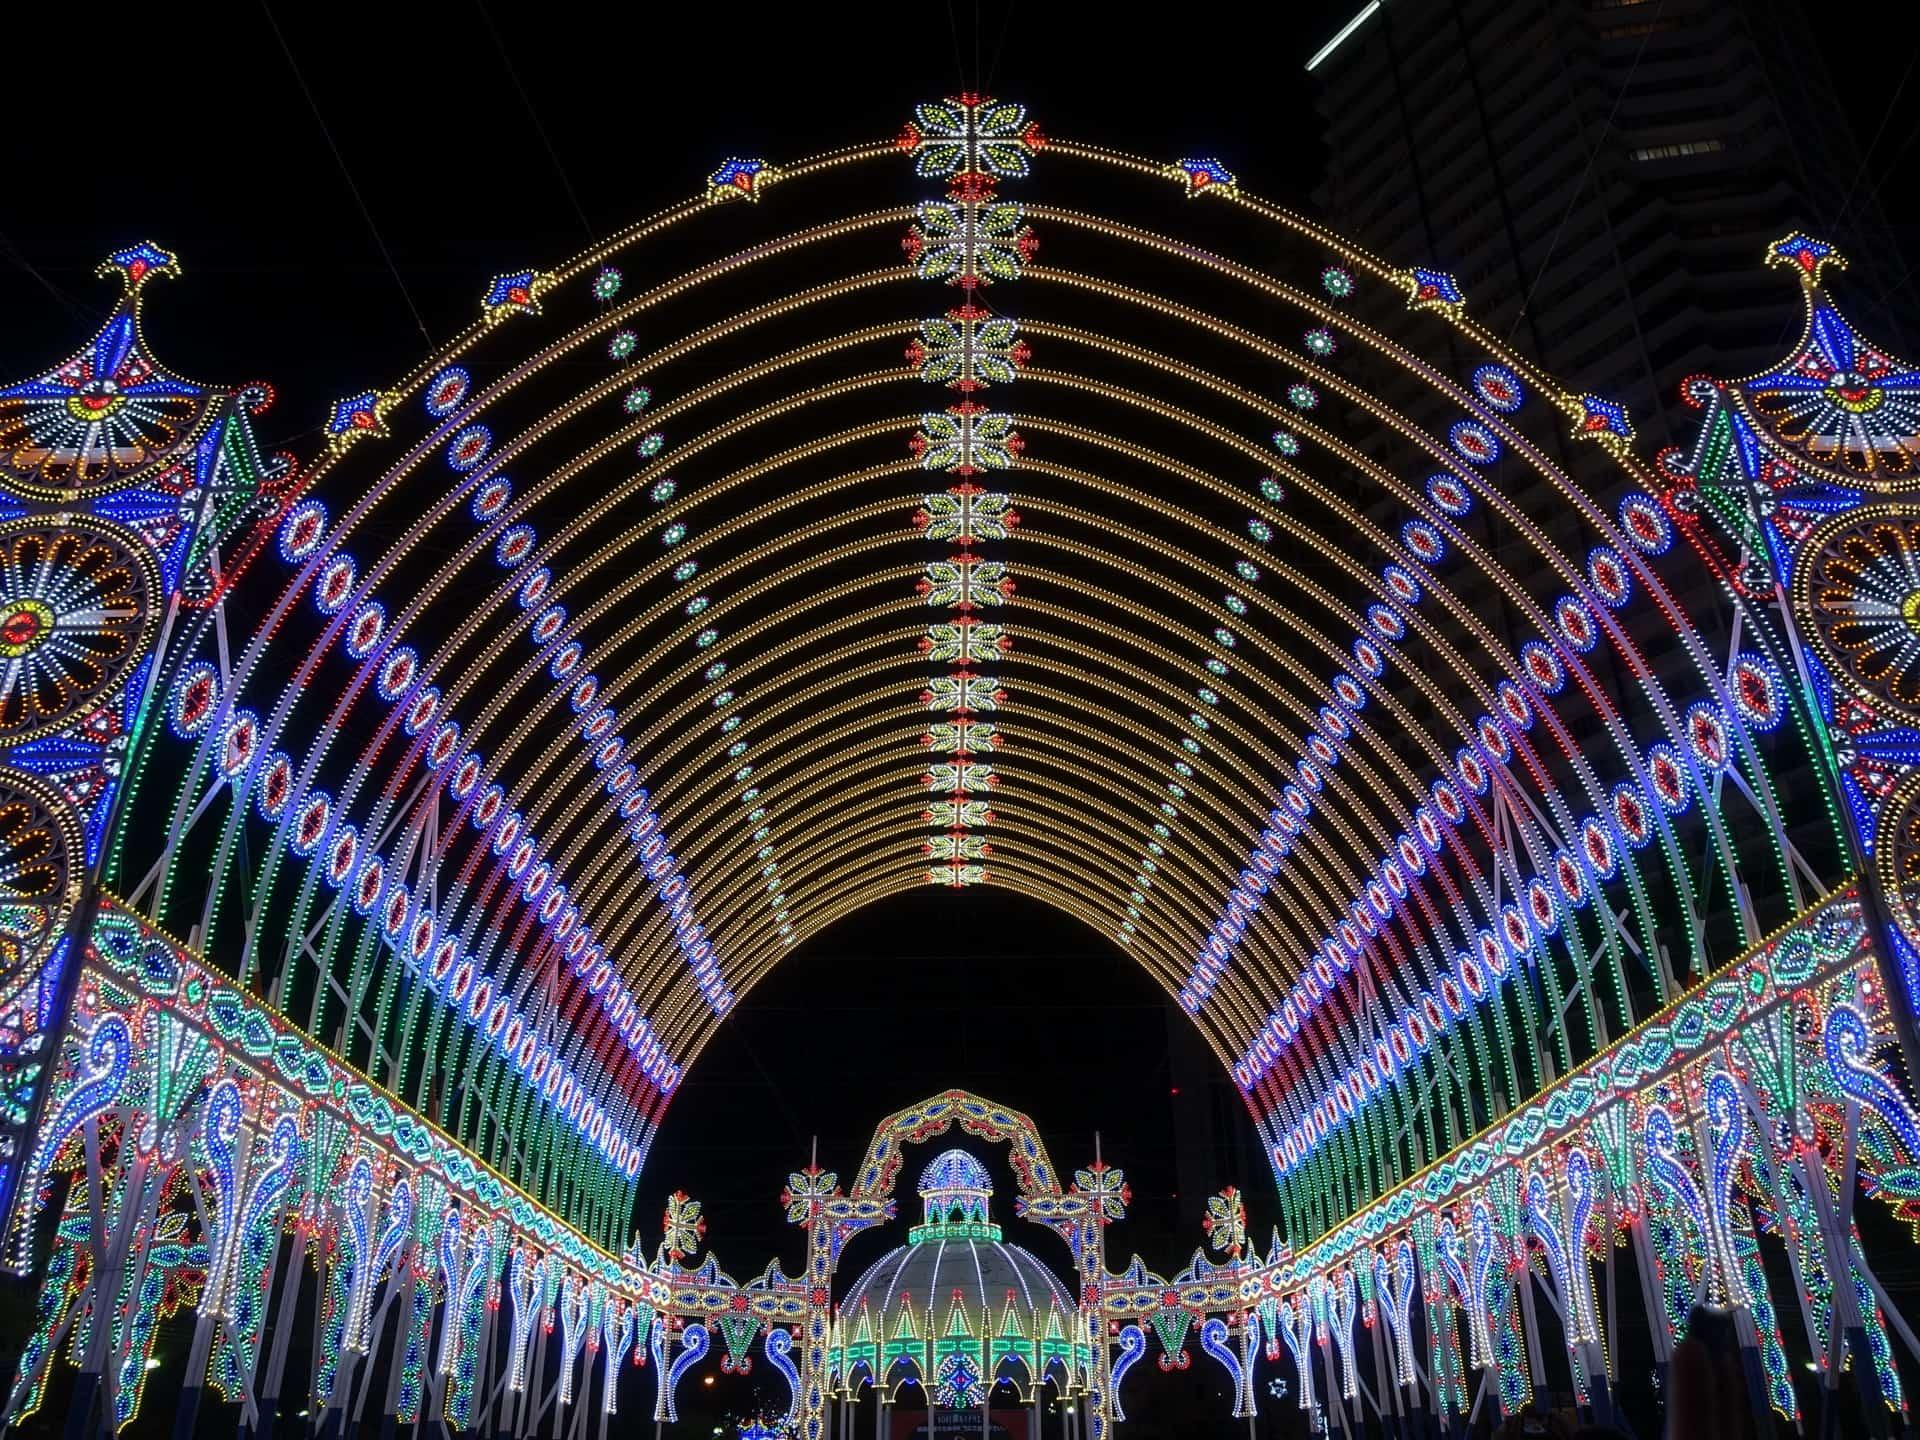 【2018年】神戸の冬イルミネーションまとめ。ルミナリエをはじめクリスマスデートにもおすすめの人気スポットをチェック✔️